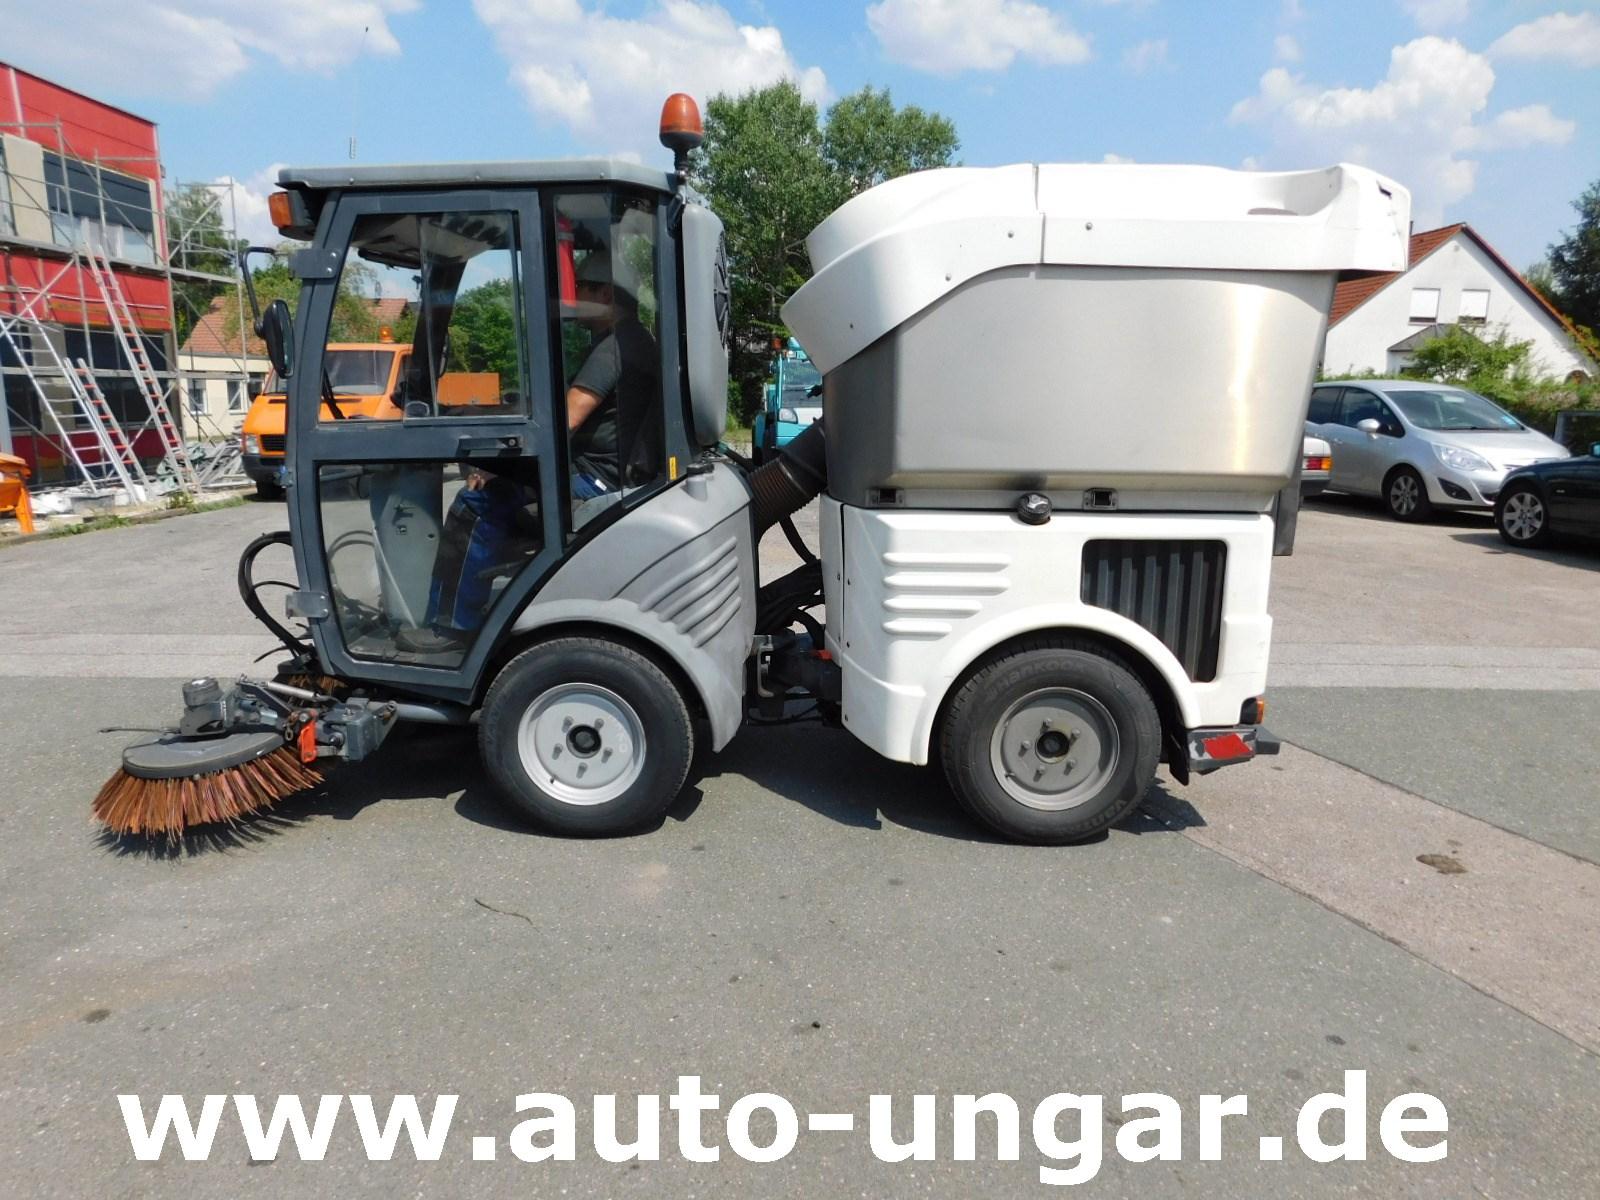 Ganz und zu Extrem Auto Ungar-Kommunalfahrzeuge,Feuerwehrfahrzeuge,Kehrmaschinen #LB_88